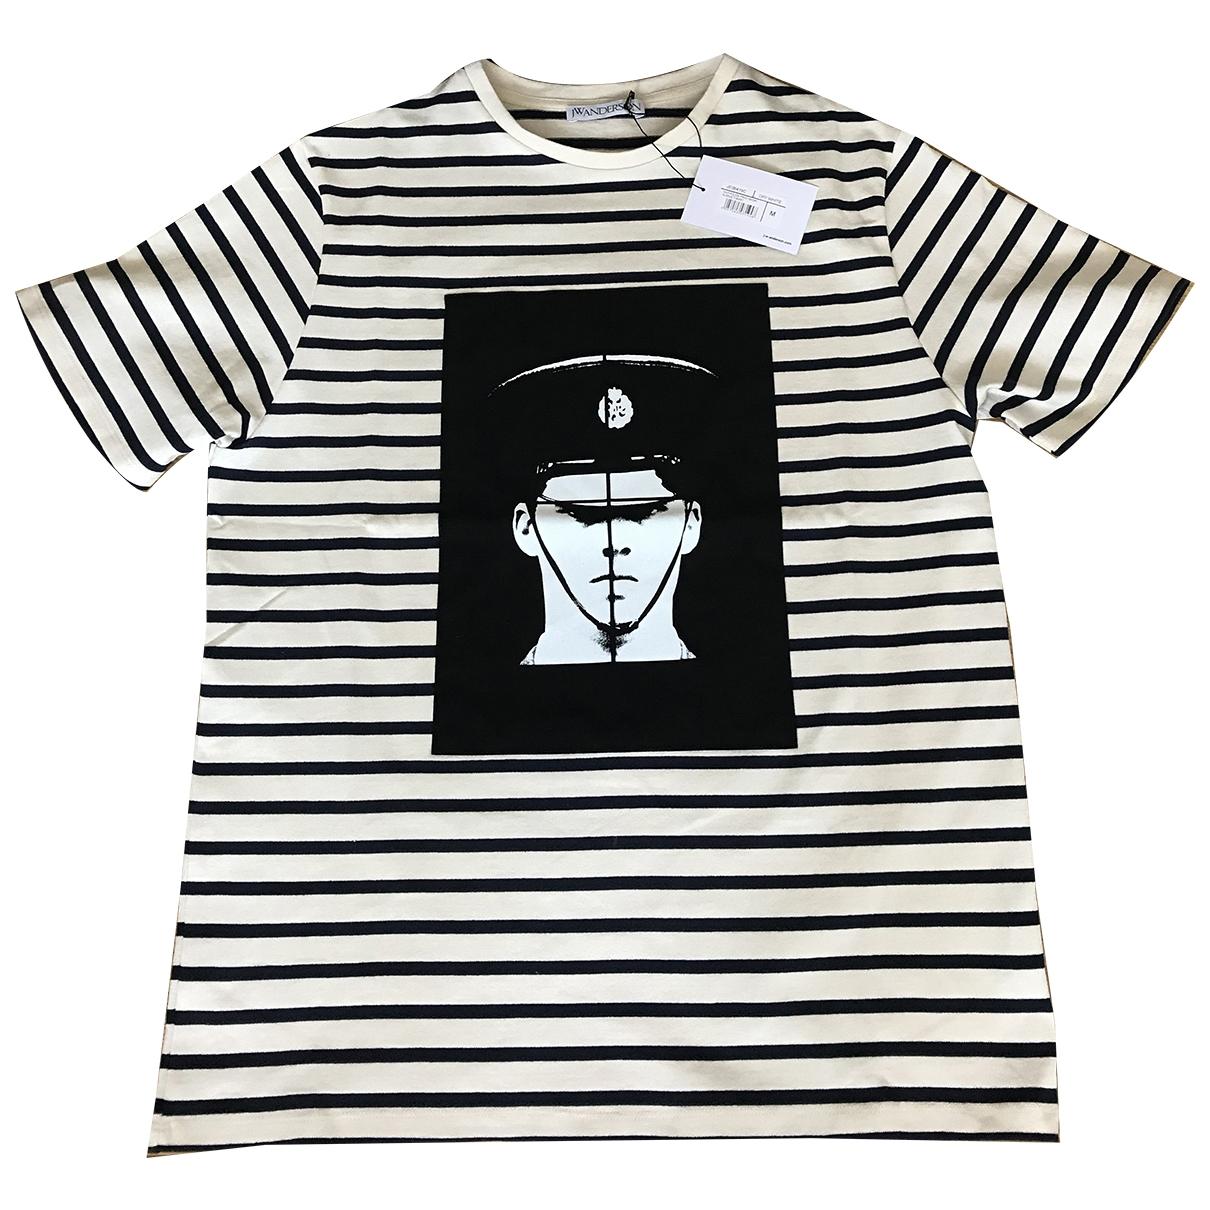 J.w. Anderson - Tee shirts   pour homme en coton